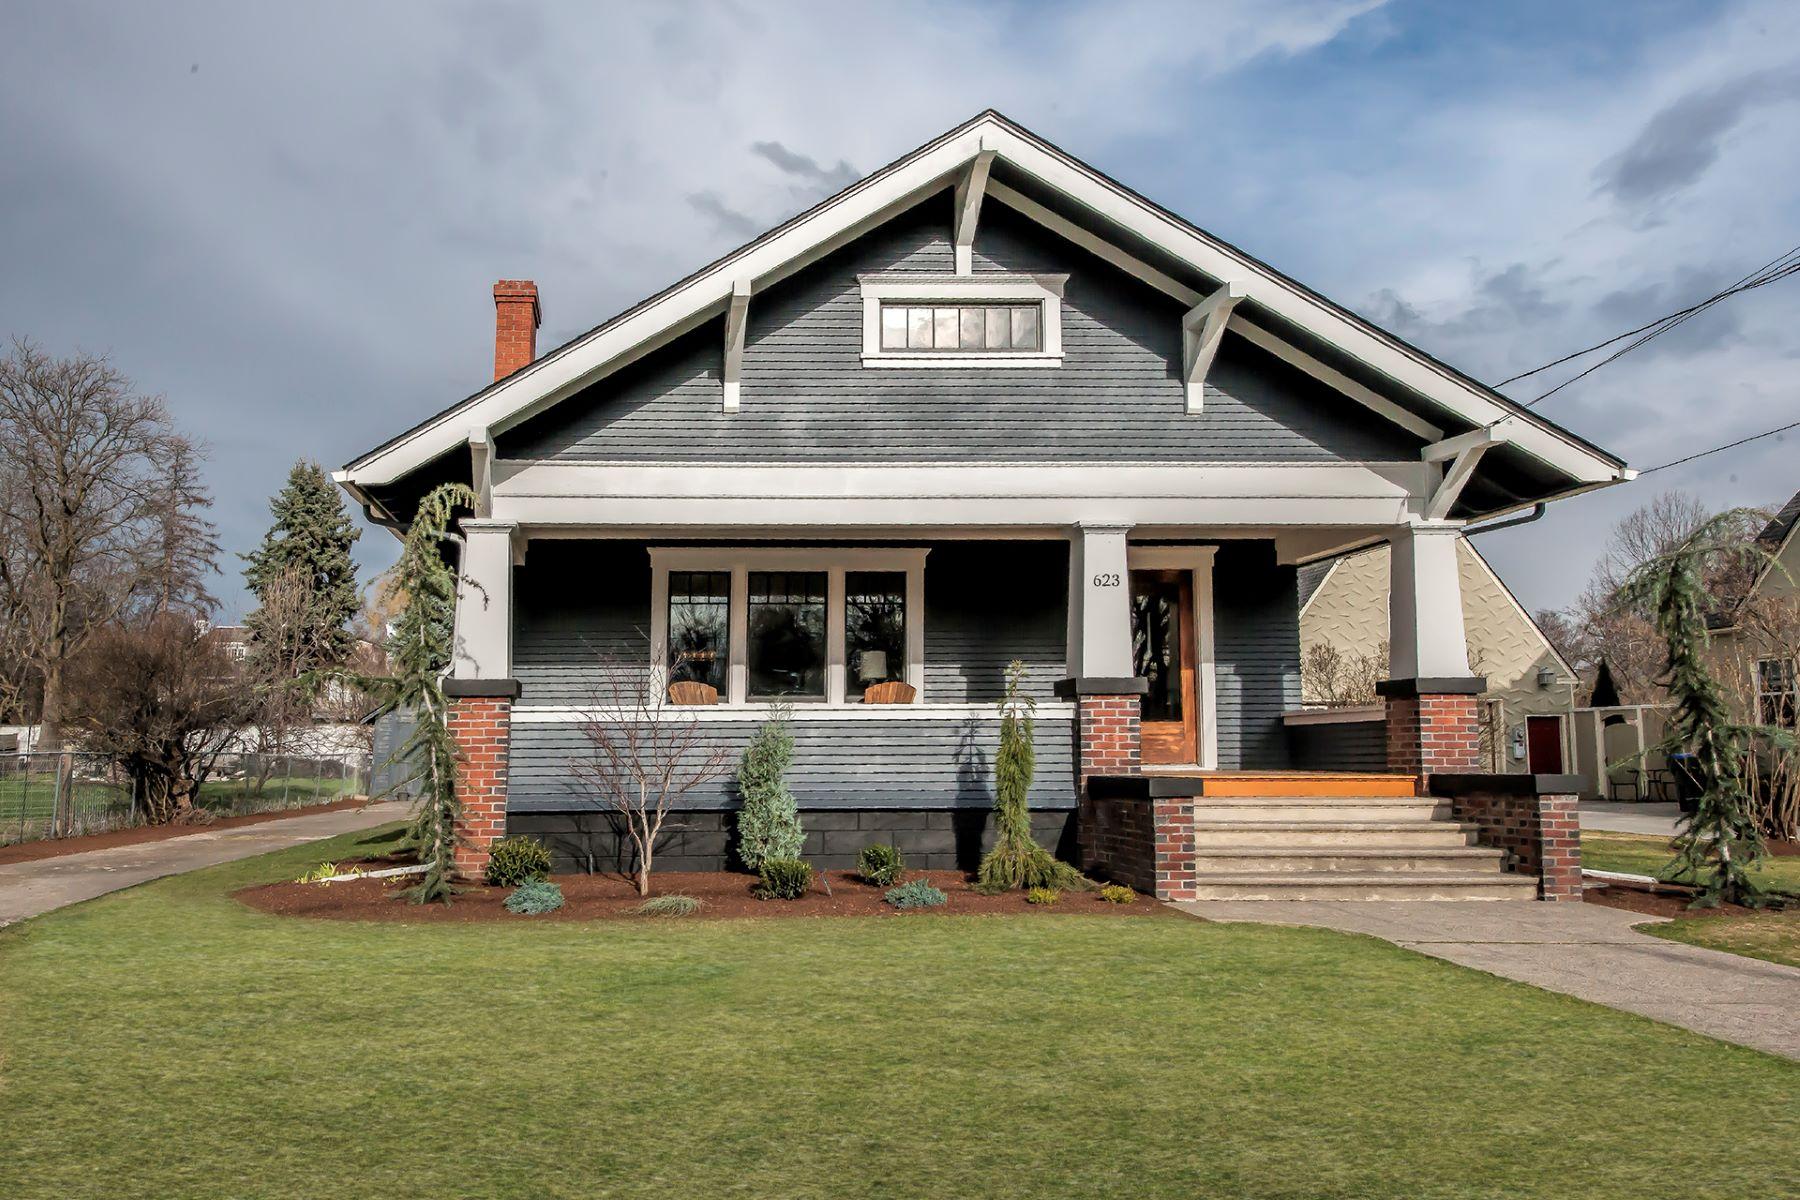 独户住宅 为 销售 在 623 Catherine St, Walla Walla, WA 瓦拉瓦拉, 华盛顿州, 99362 美国